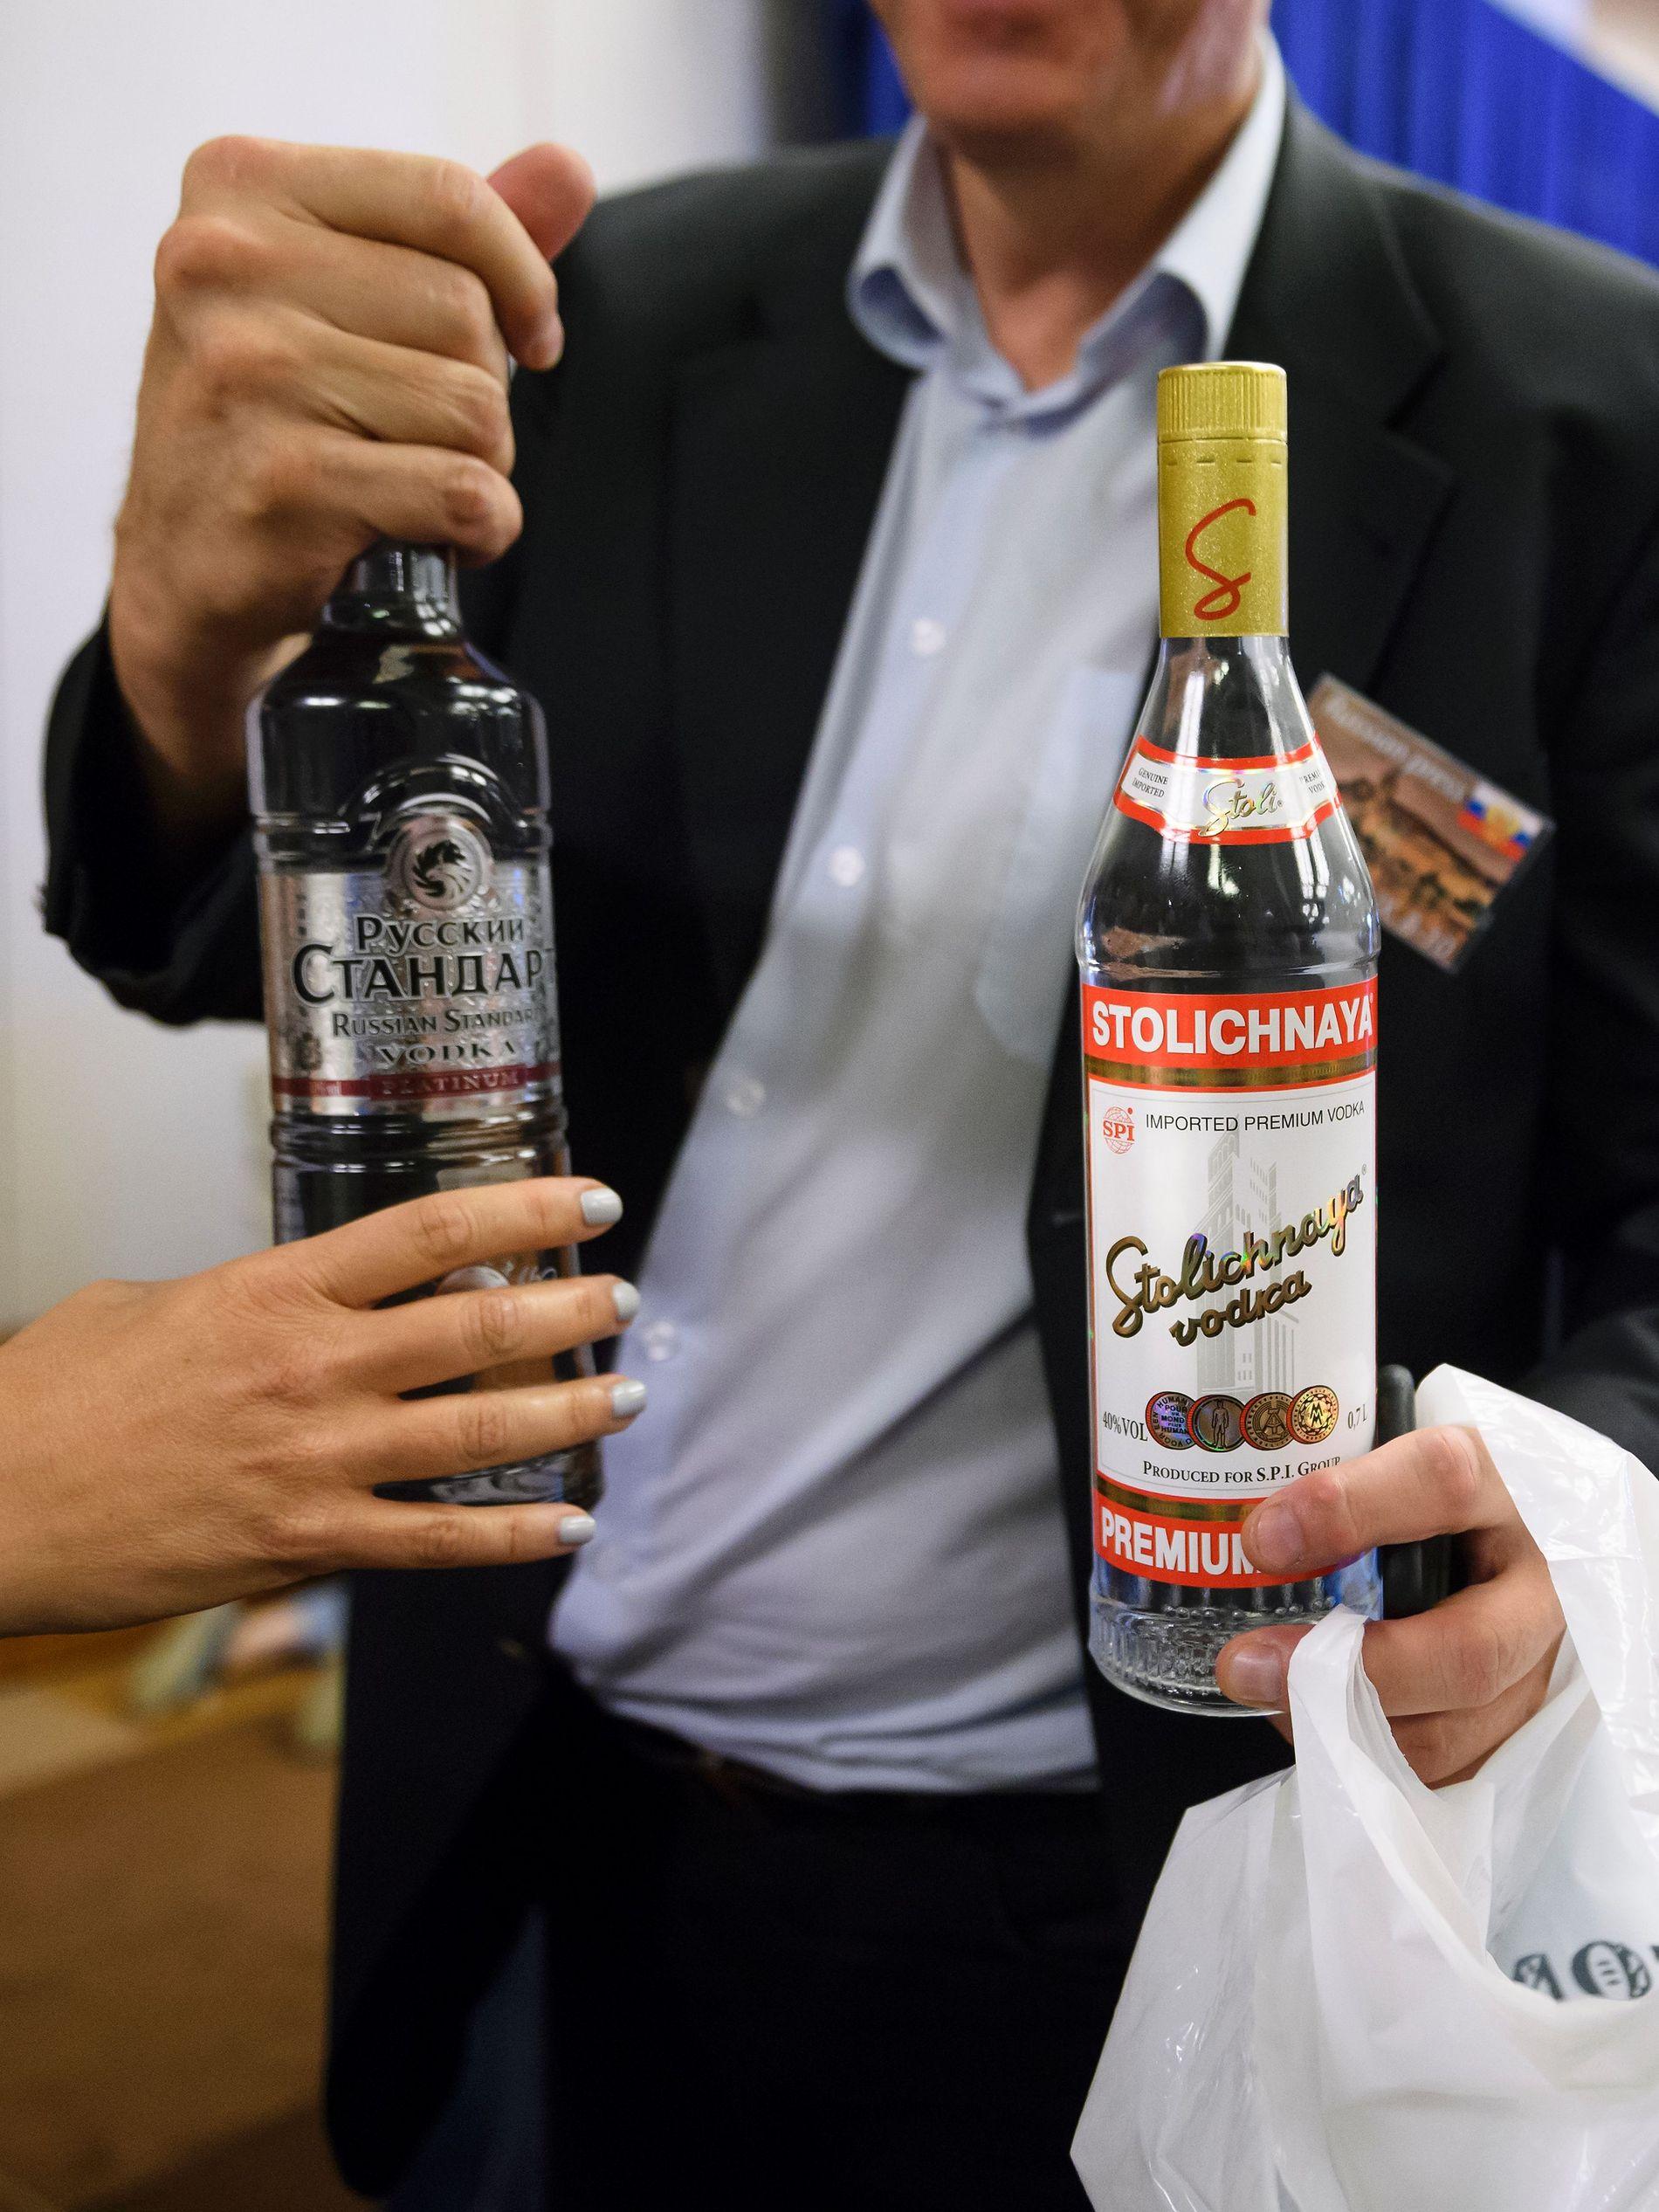 VILLE FEIRE?: Russlands utenriksminister Sergei Lavrov sendte ut vodka til journalistene som ventet etter hans samtaler med USAs utenriksminister John Kerry.